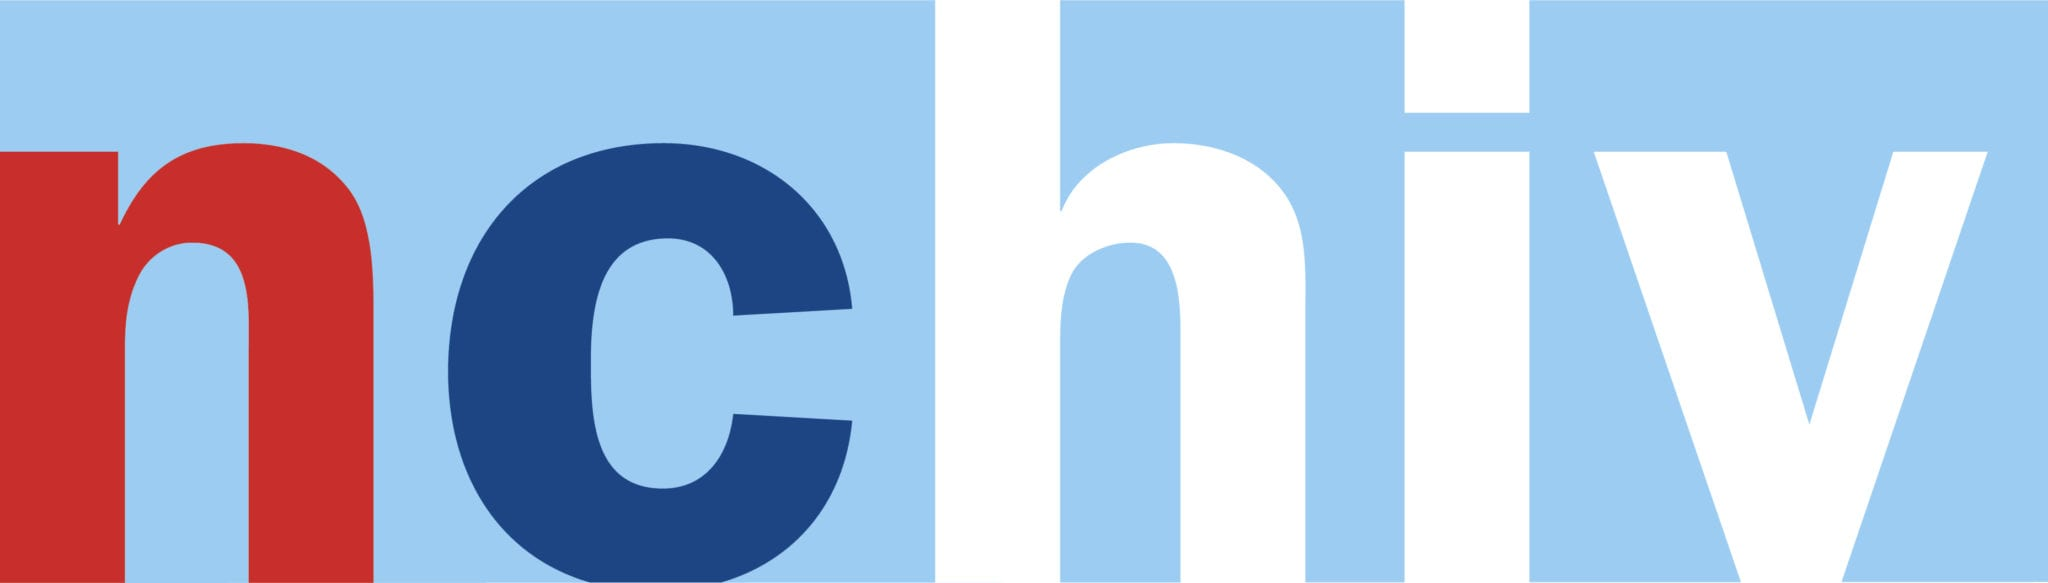 NCHIV 2020